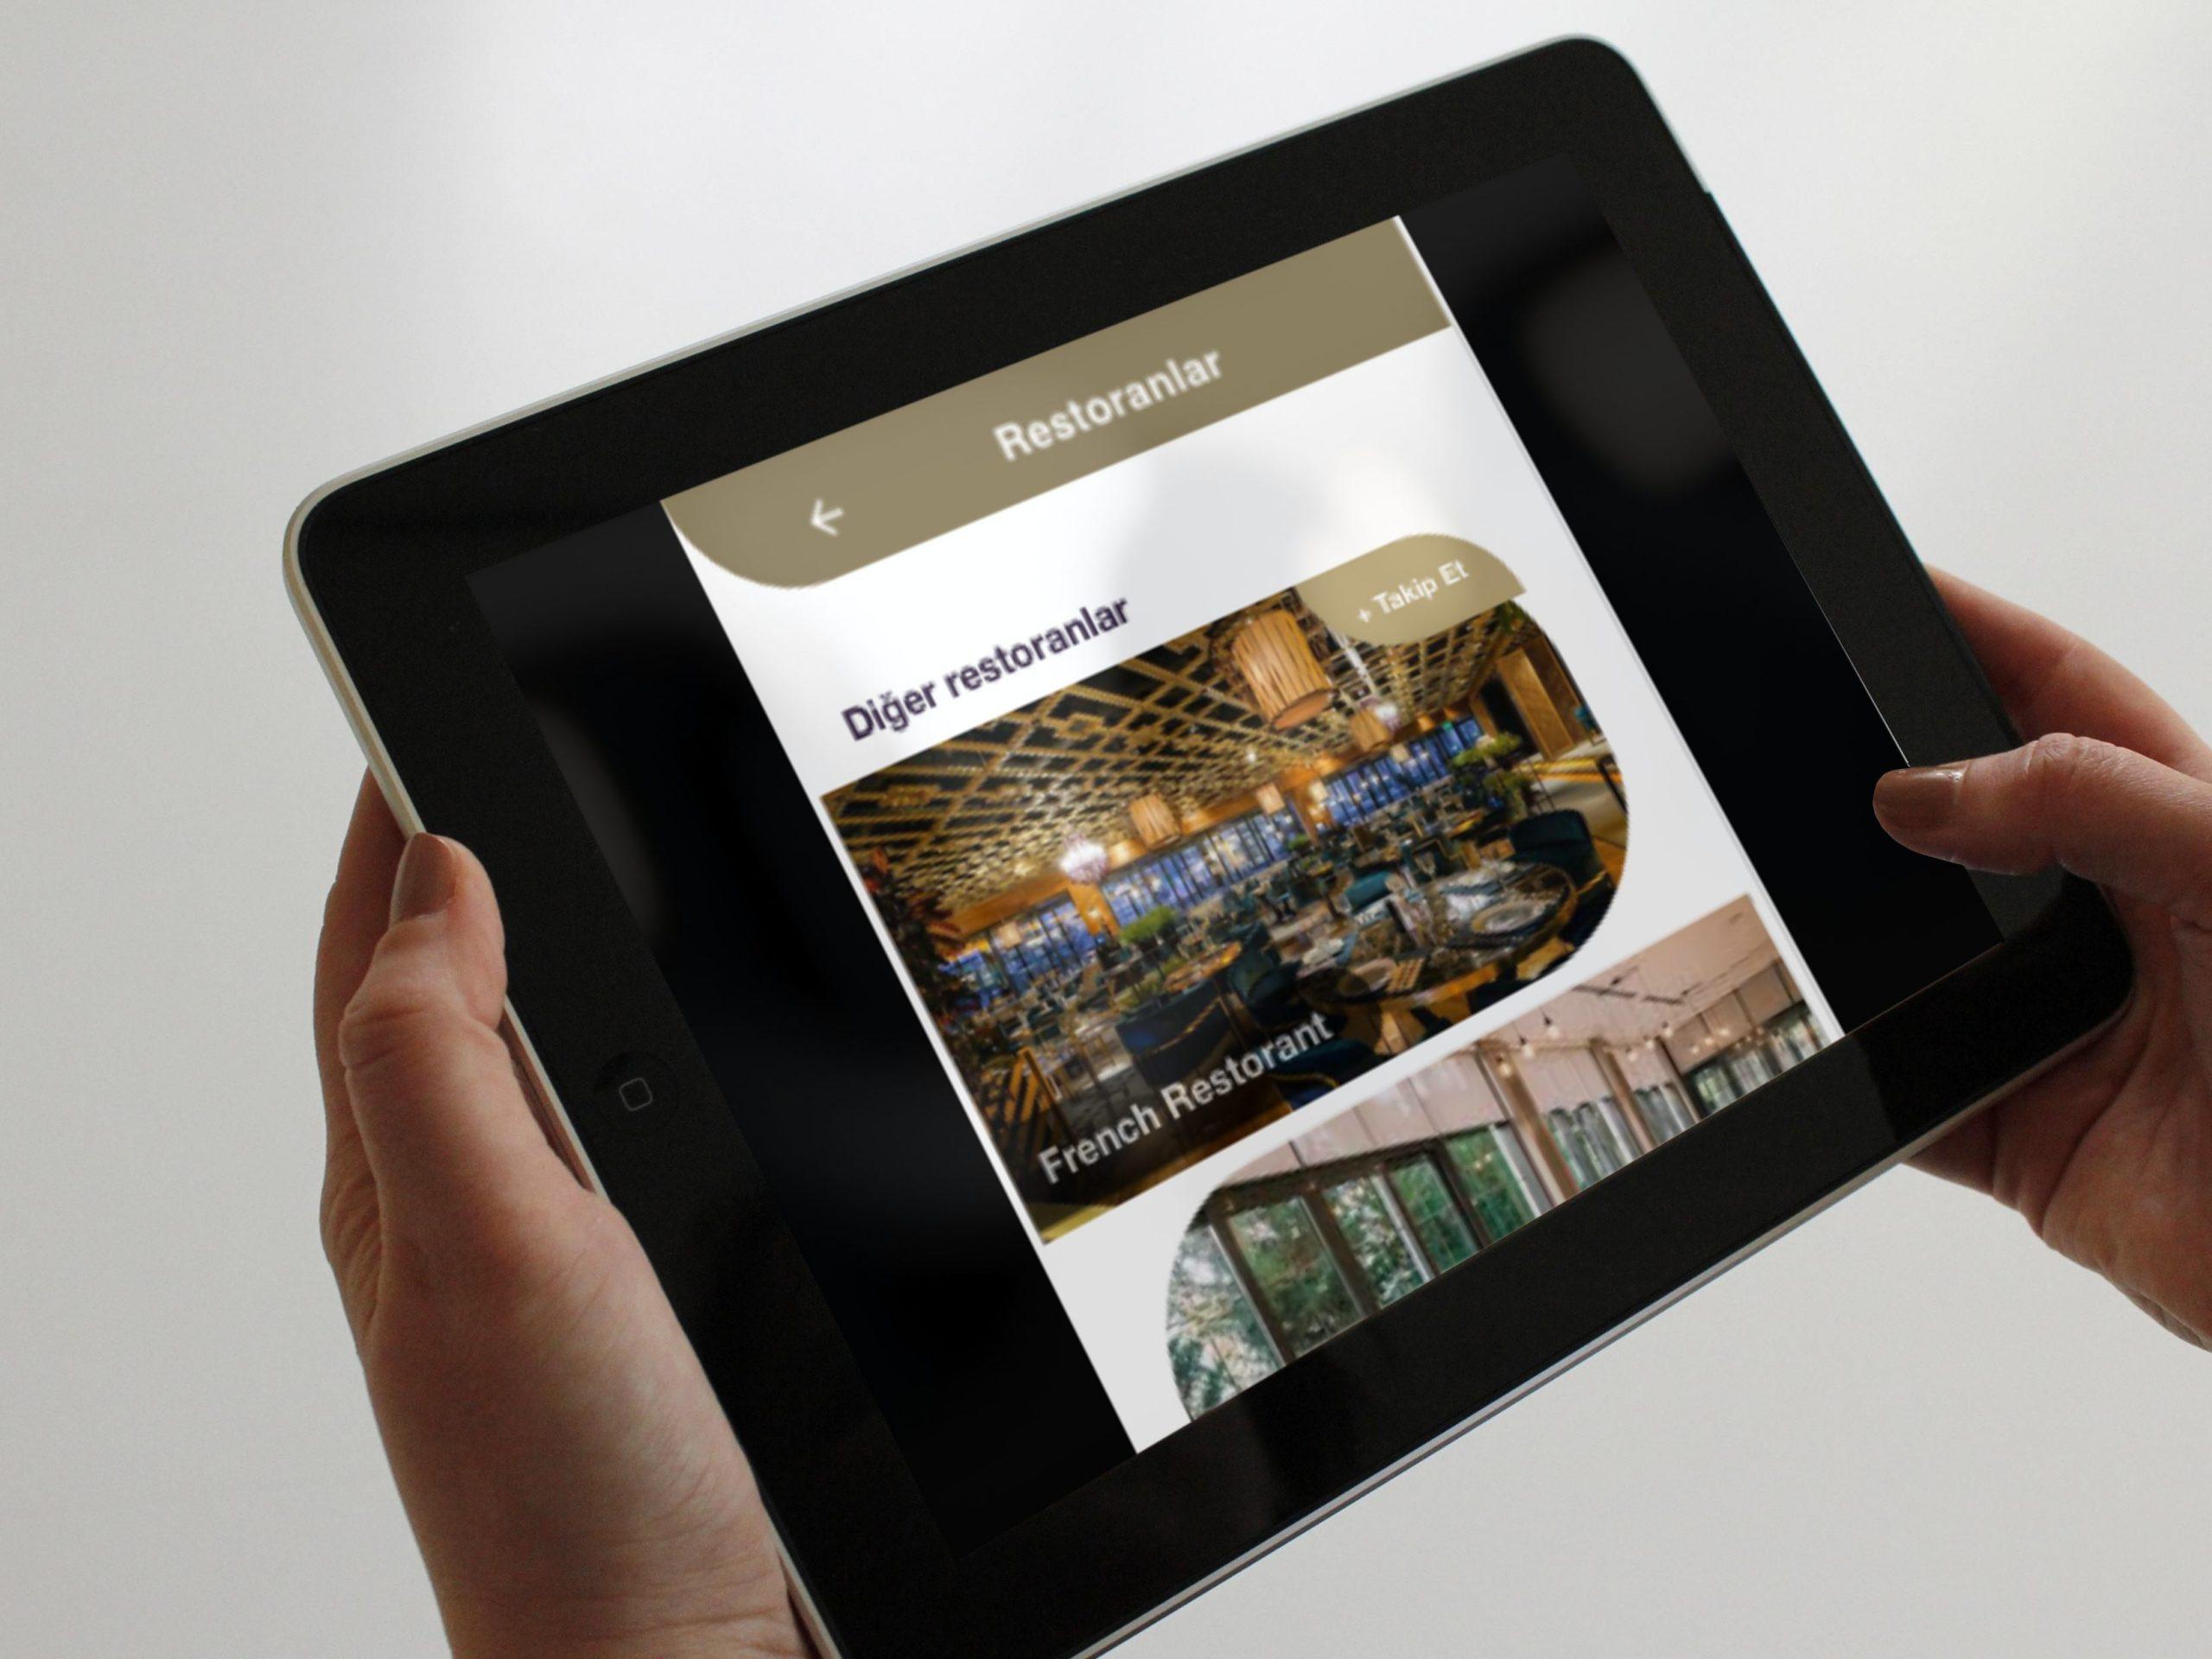 Kiralık Araç Hizmeti  mobil otel yönetim sistemi